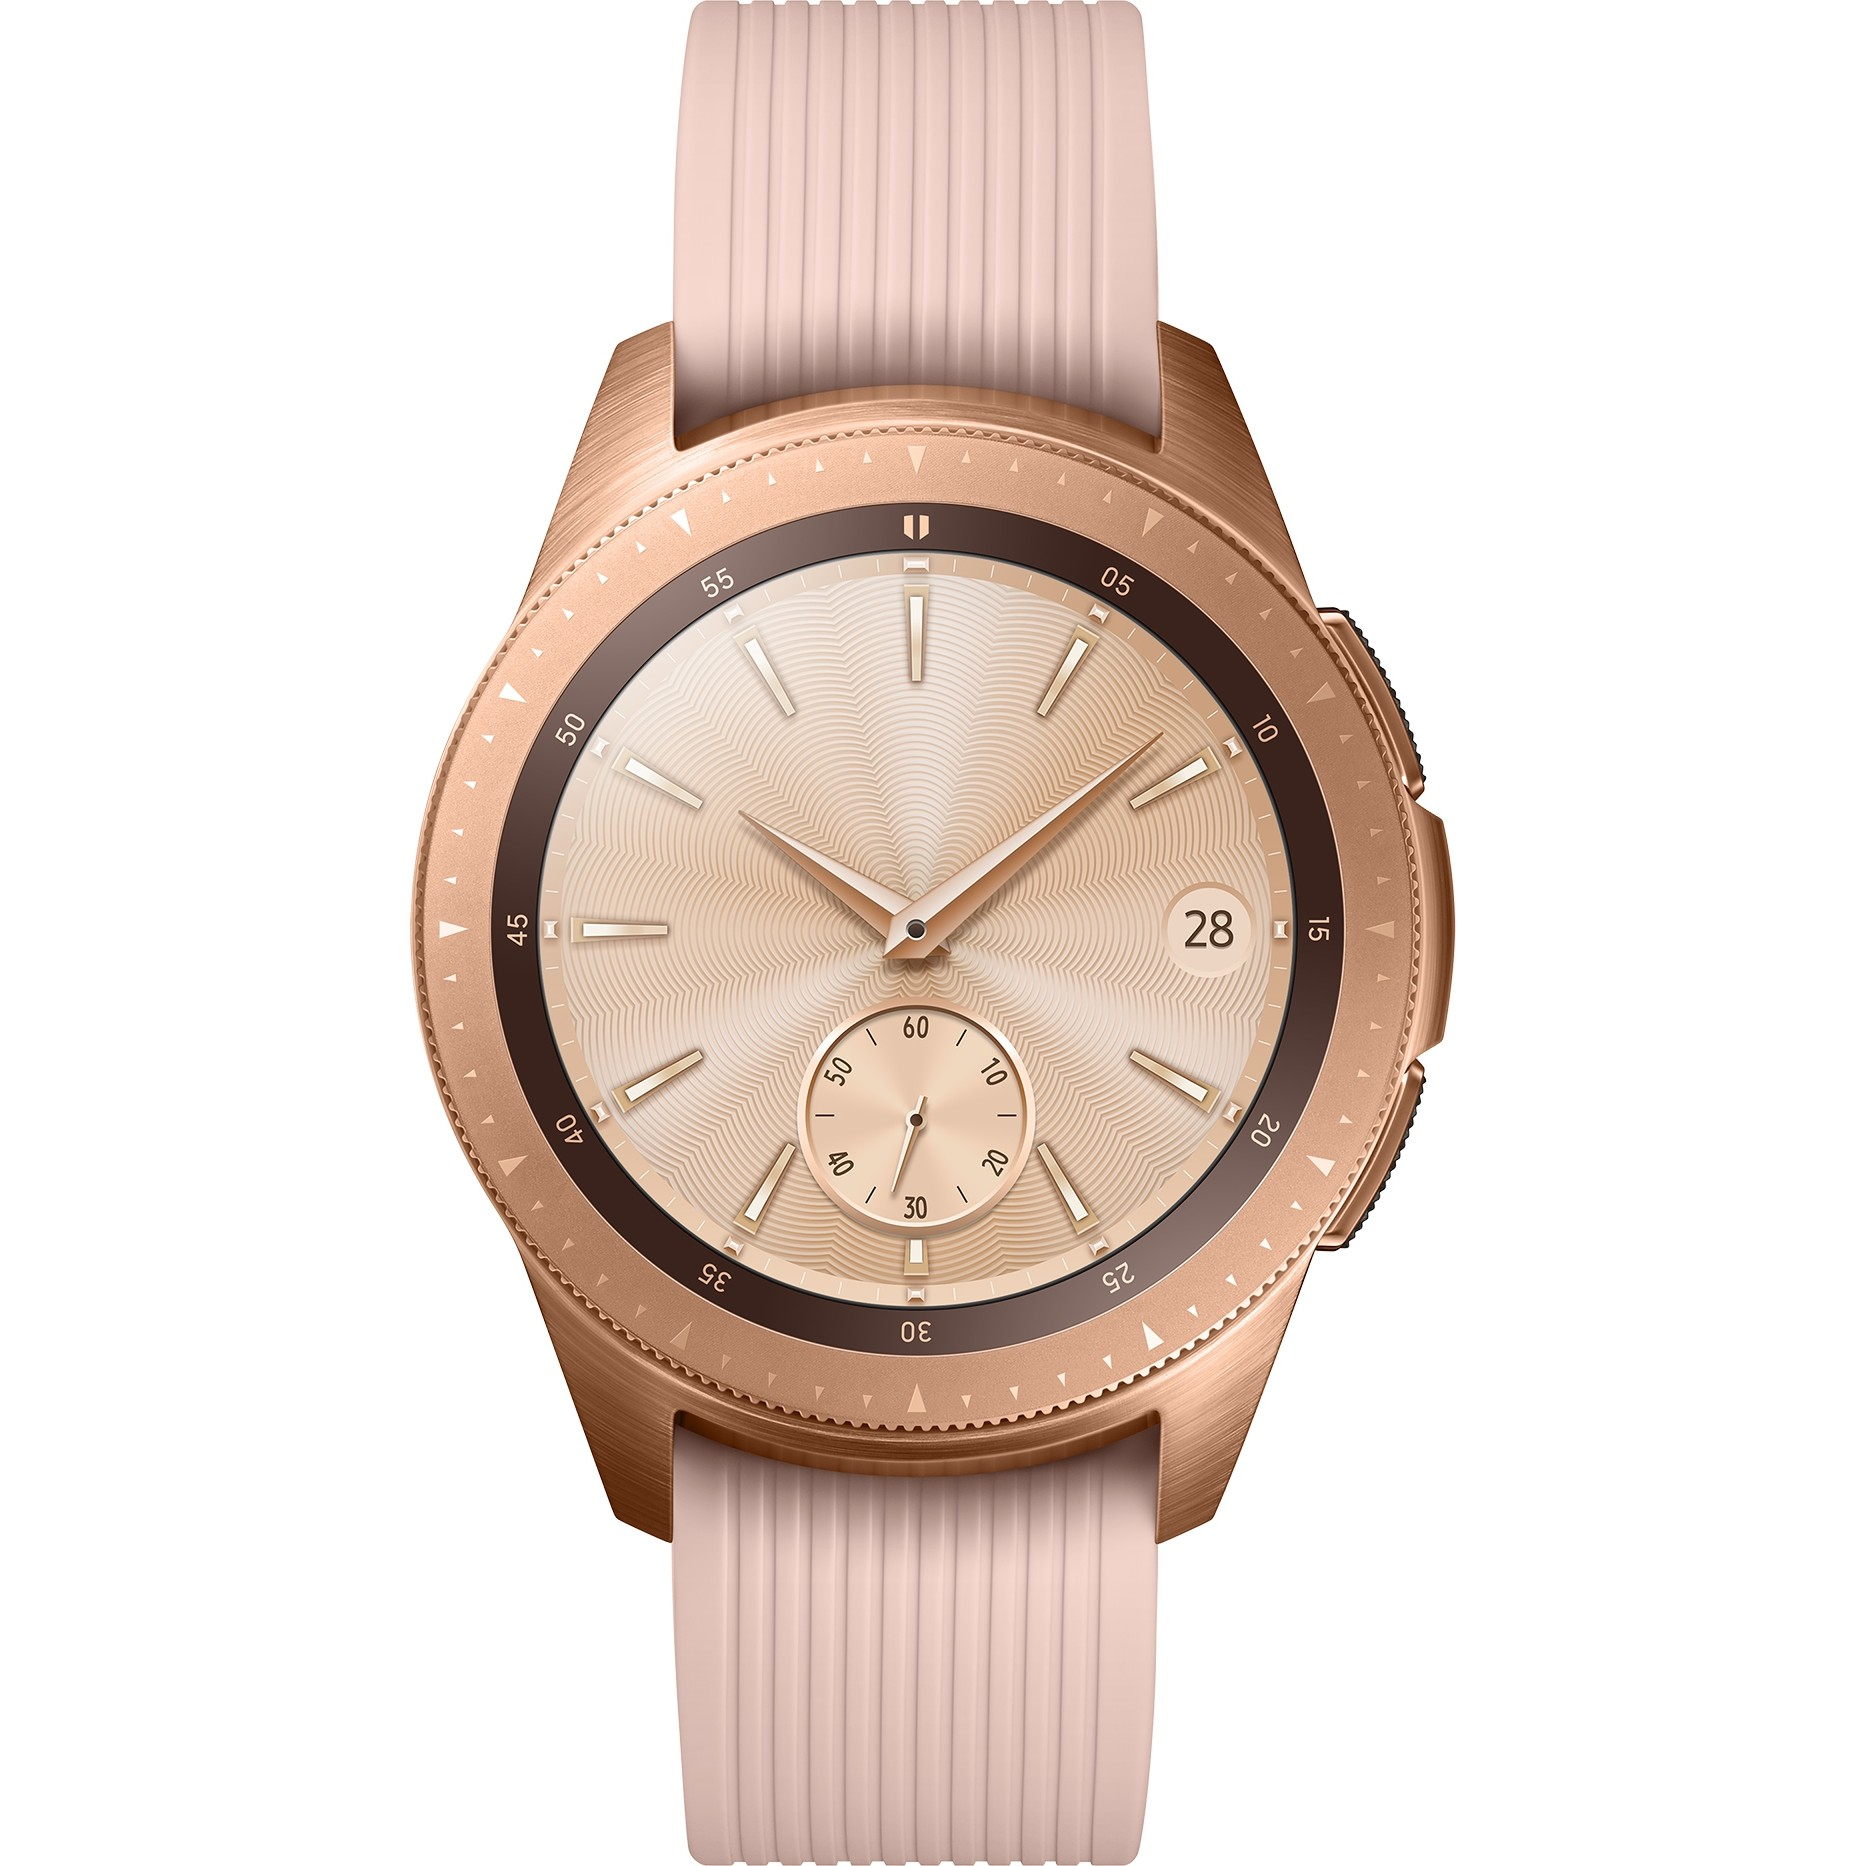 Купить Смарт-часы и браслеты, Смарт-часы Samsung Galaxy Watch 42mm Rose Gold (SM-R810NZDA)